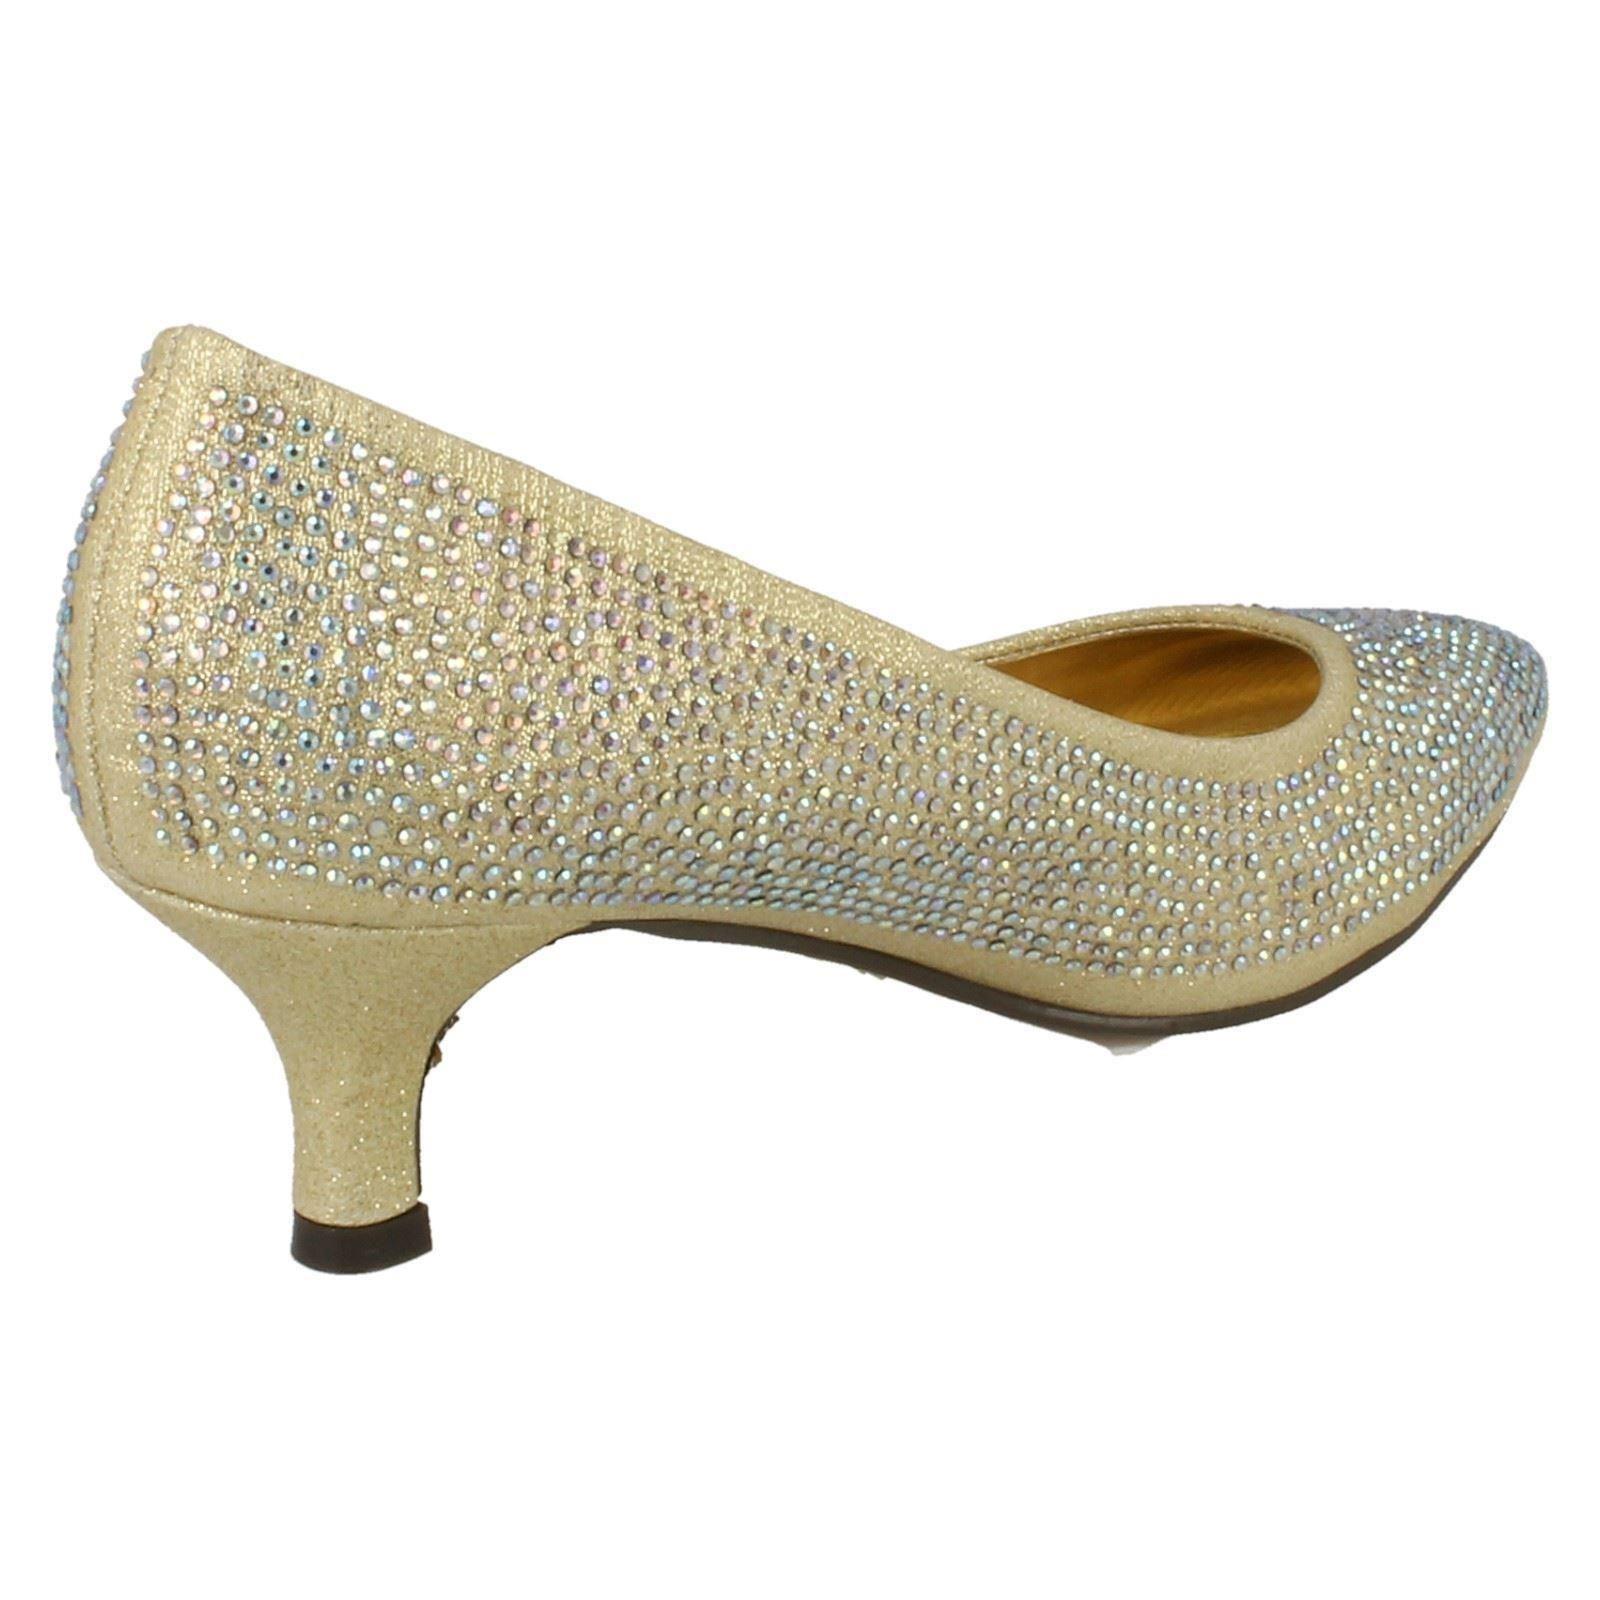 Ladies-Anne-Michelle-Diamante-Low-Heel-Court-Shoes thumbnail 12